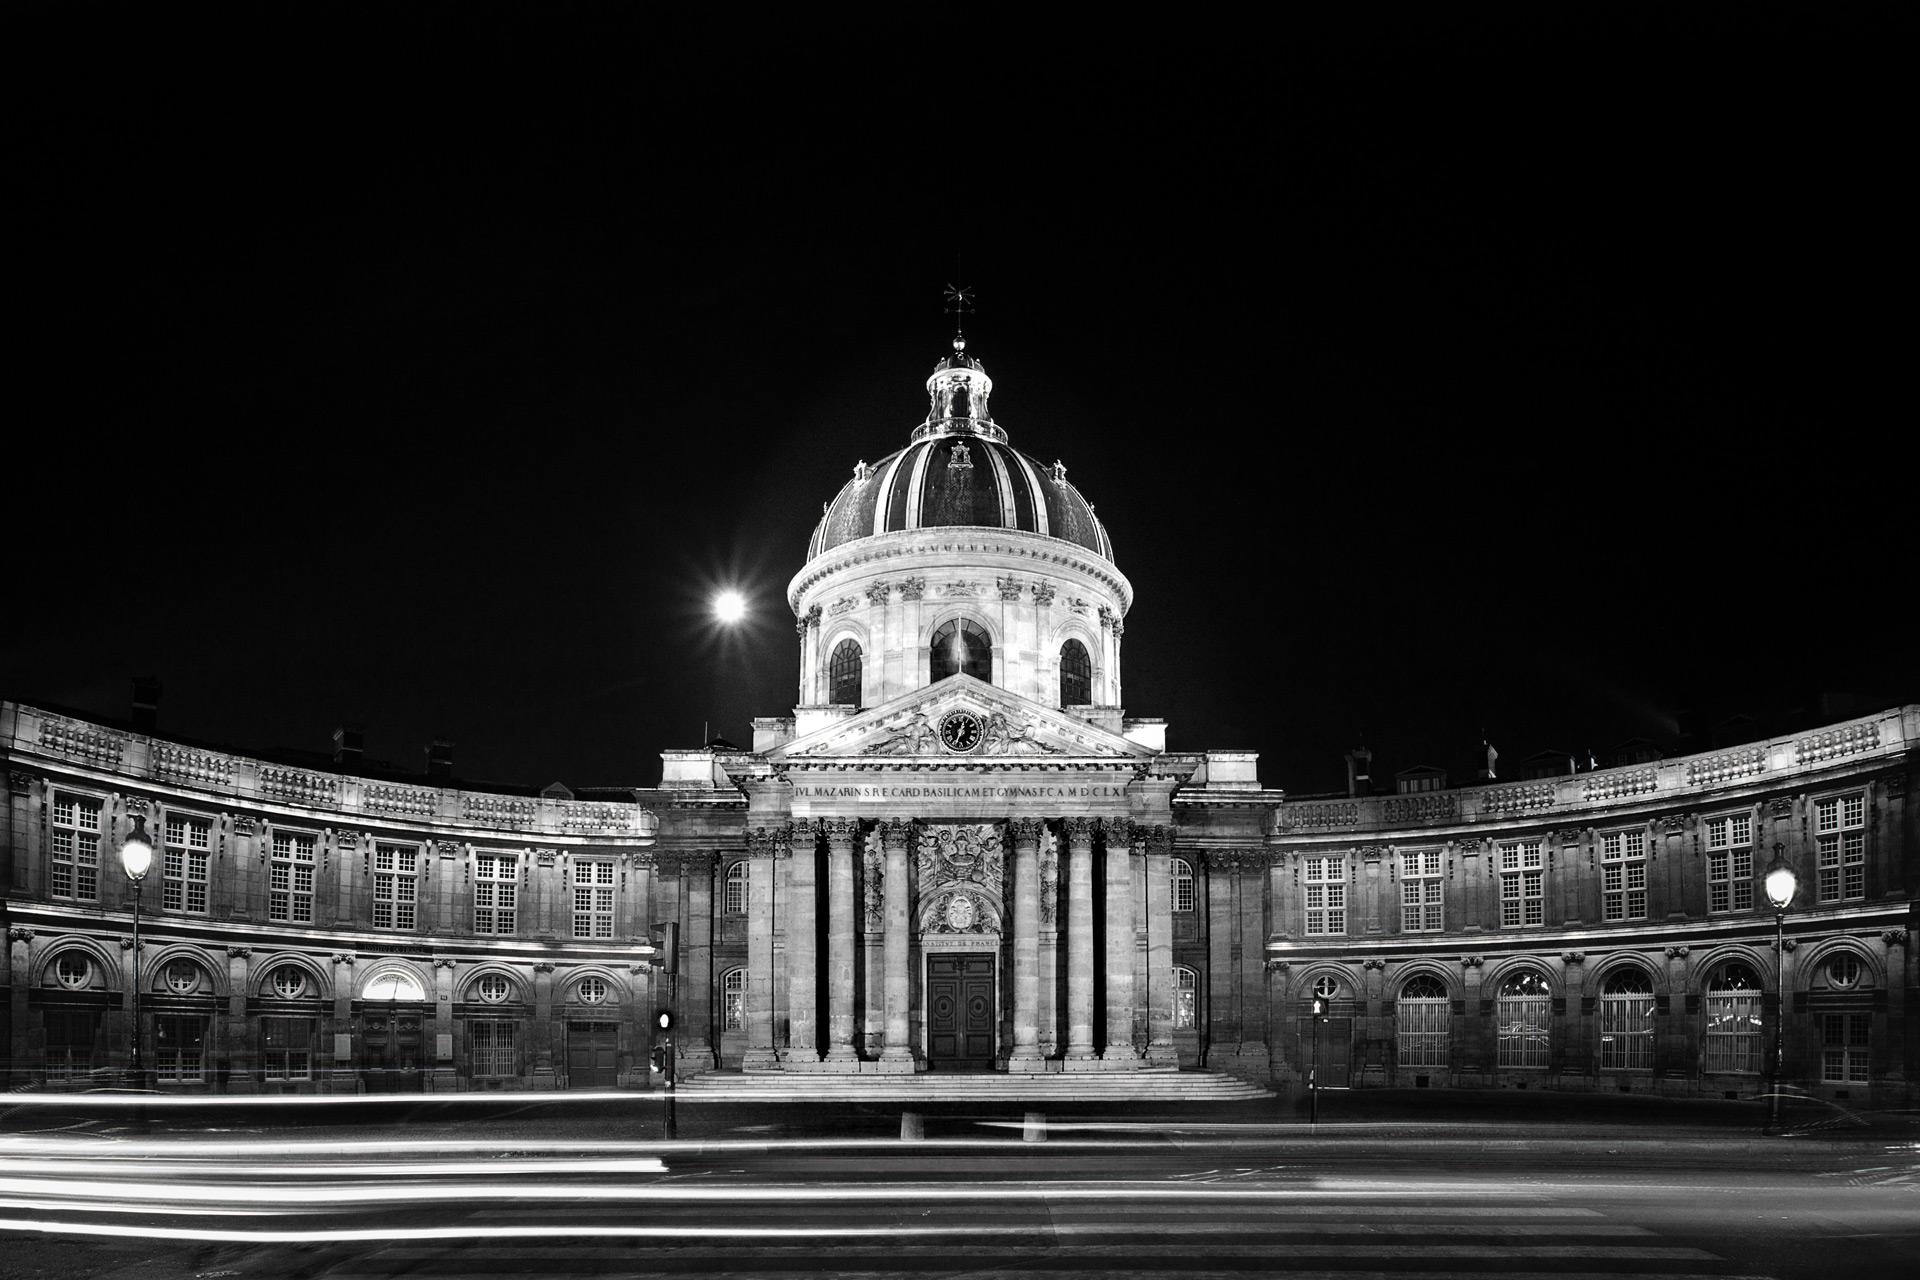 Académie Française - 2013 - Geoffrey Mitre Photographie